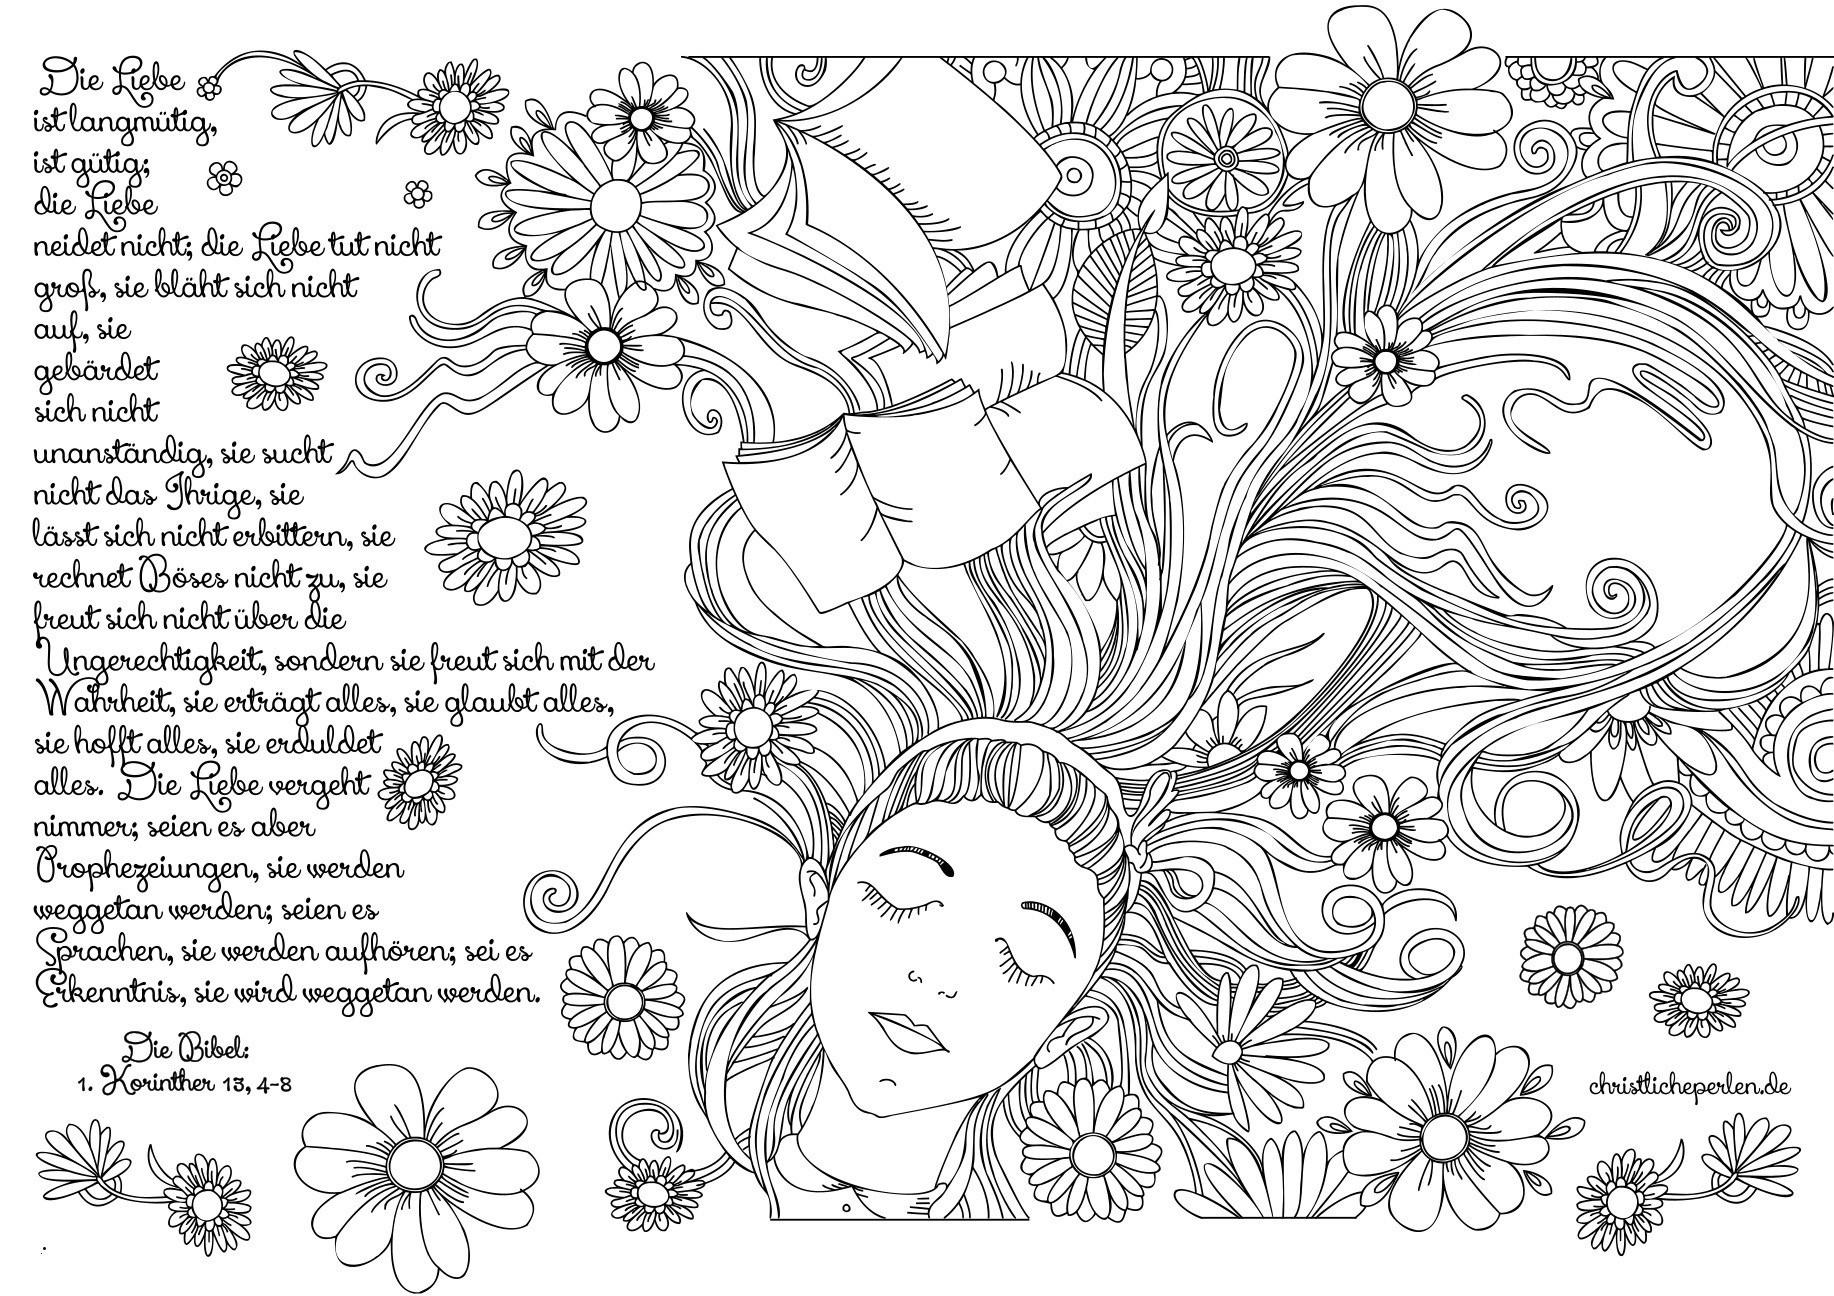 Mandala Herbst Zum Ausdrucken Das Beste Von 40 Entwurf Ausmalbilder Mandala Herbst Treehouse Nyc Galerie